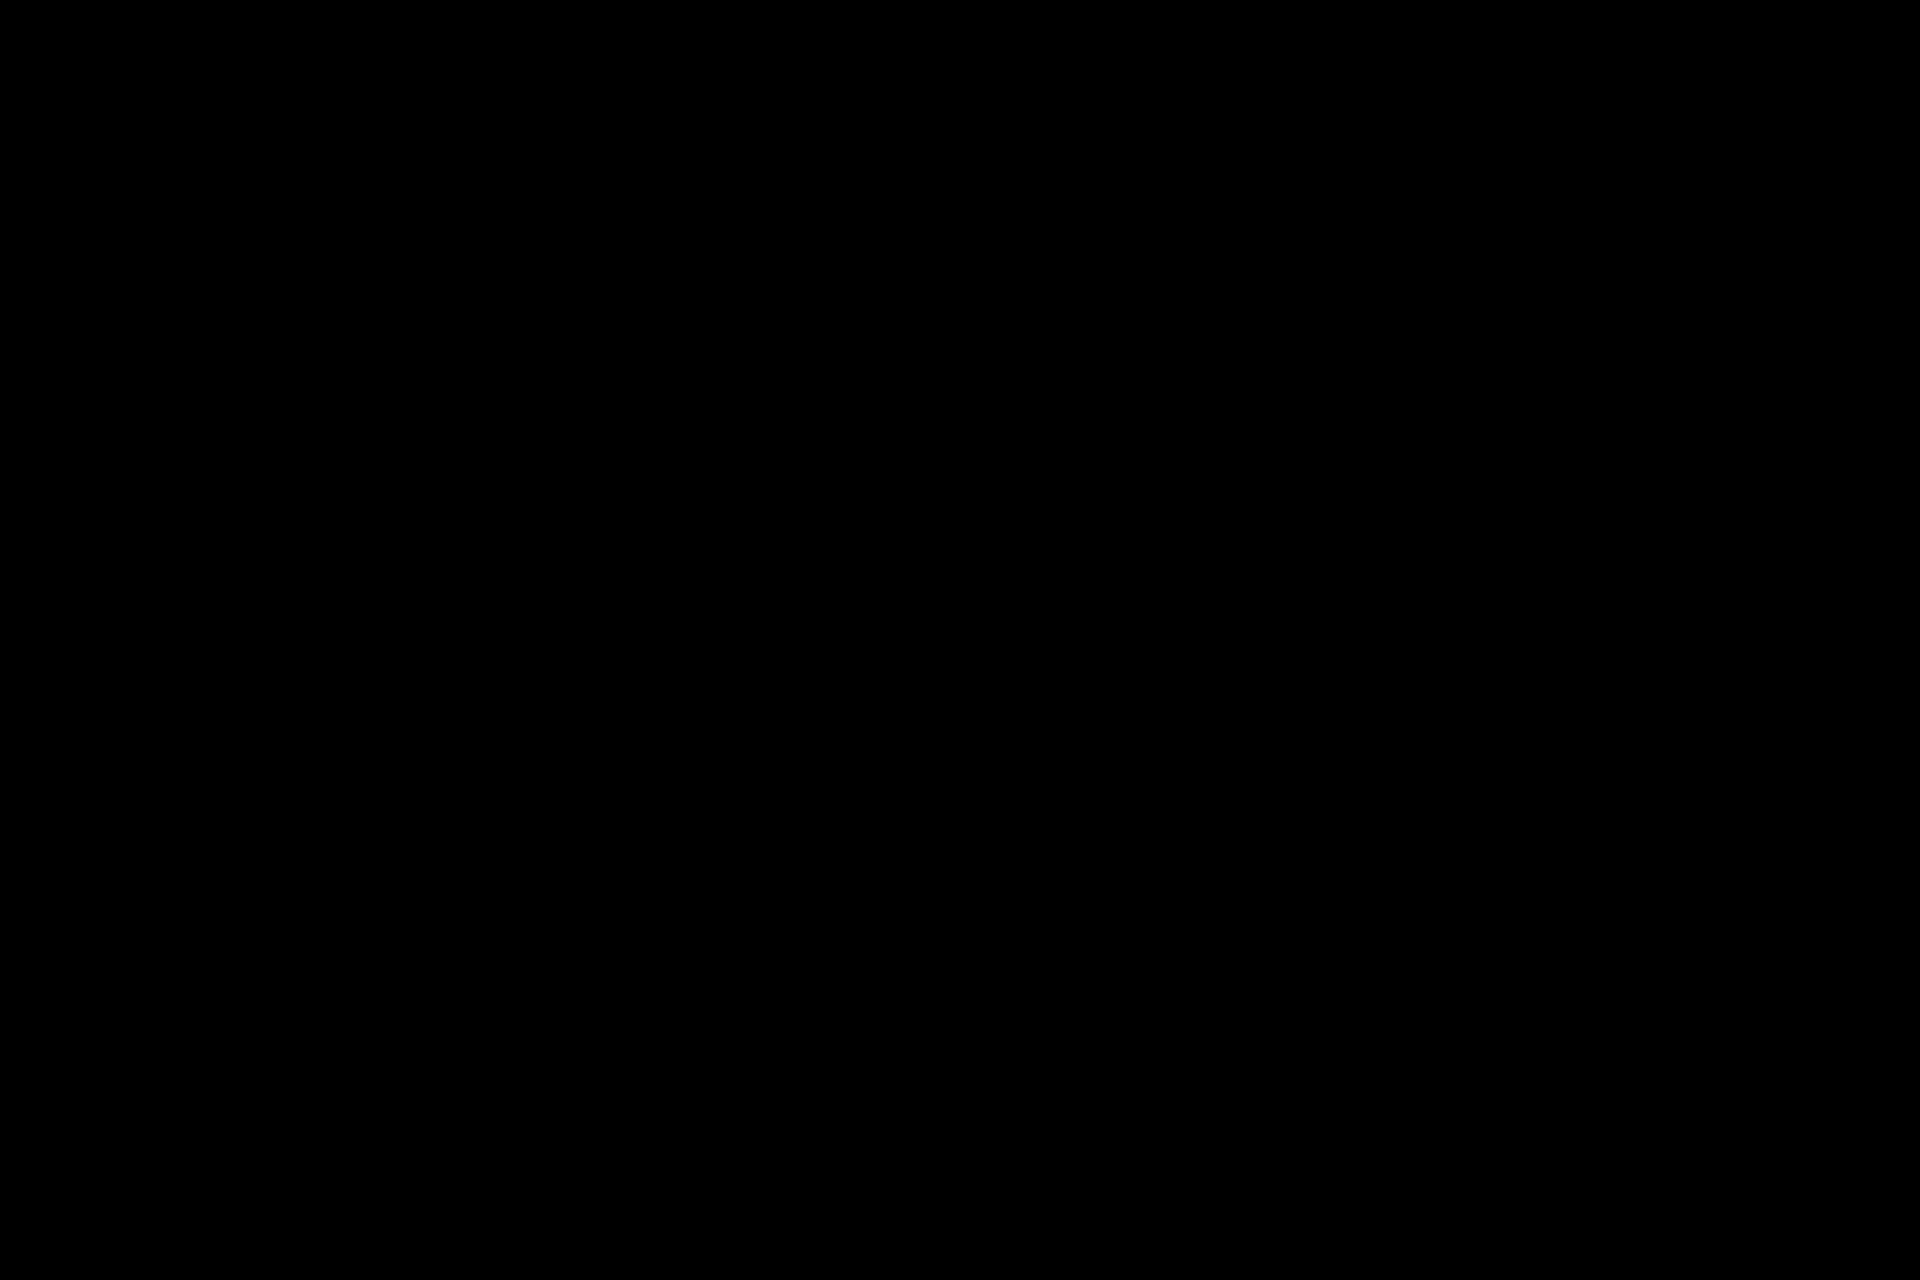 1C9A4149